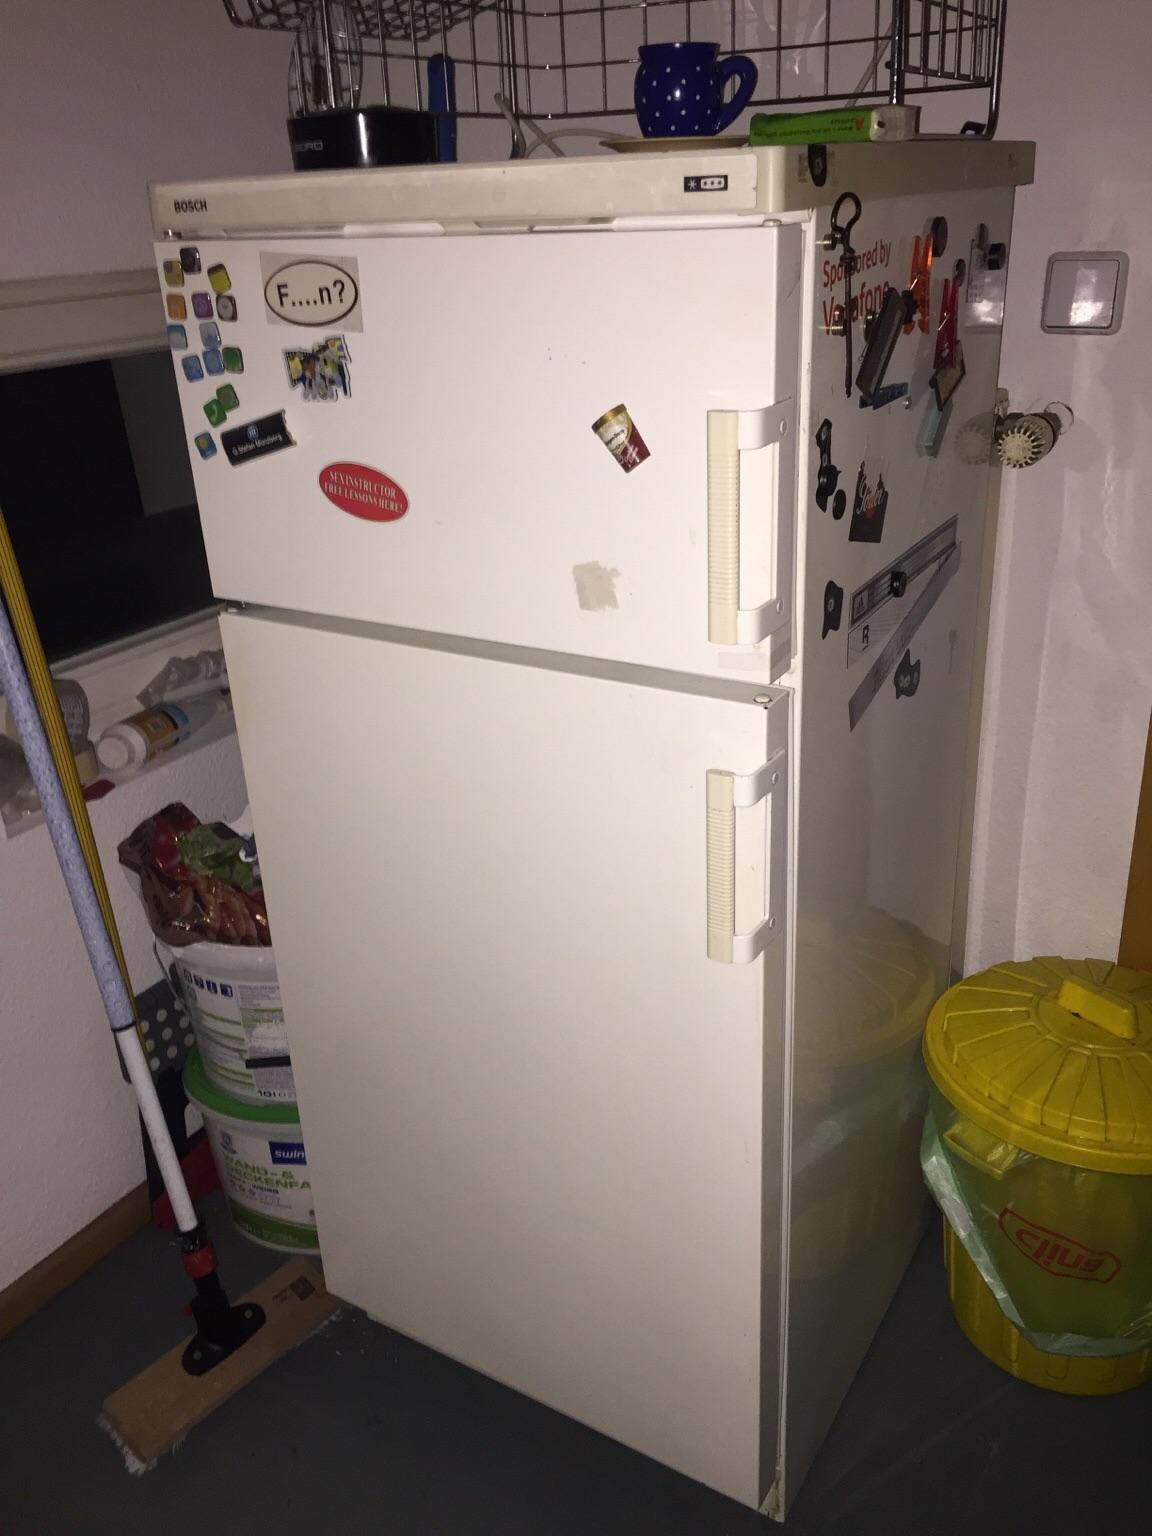 Bosch Kühlschrank Zu Laut : Gebraucht bosch kühlschrank mit frostfach in berlin um